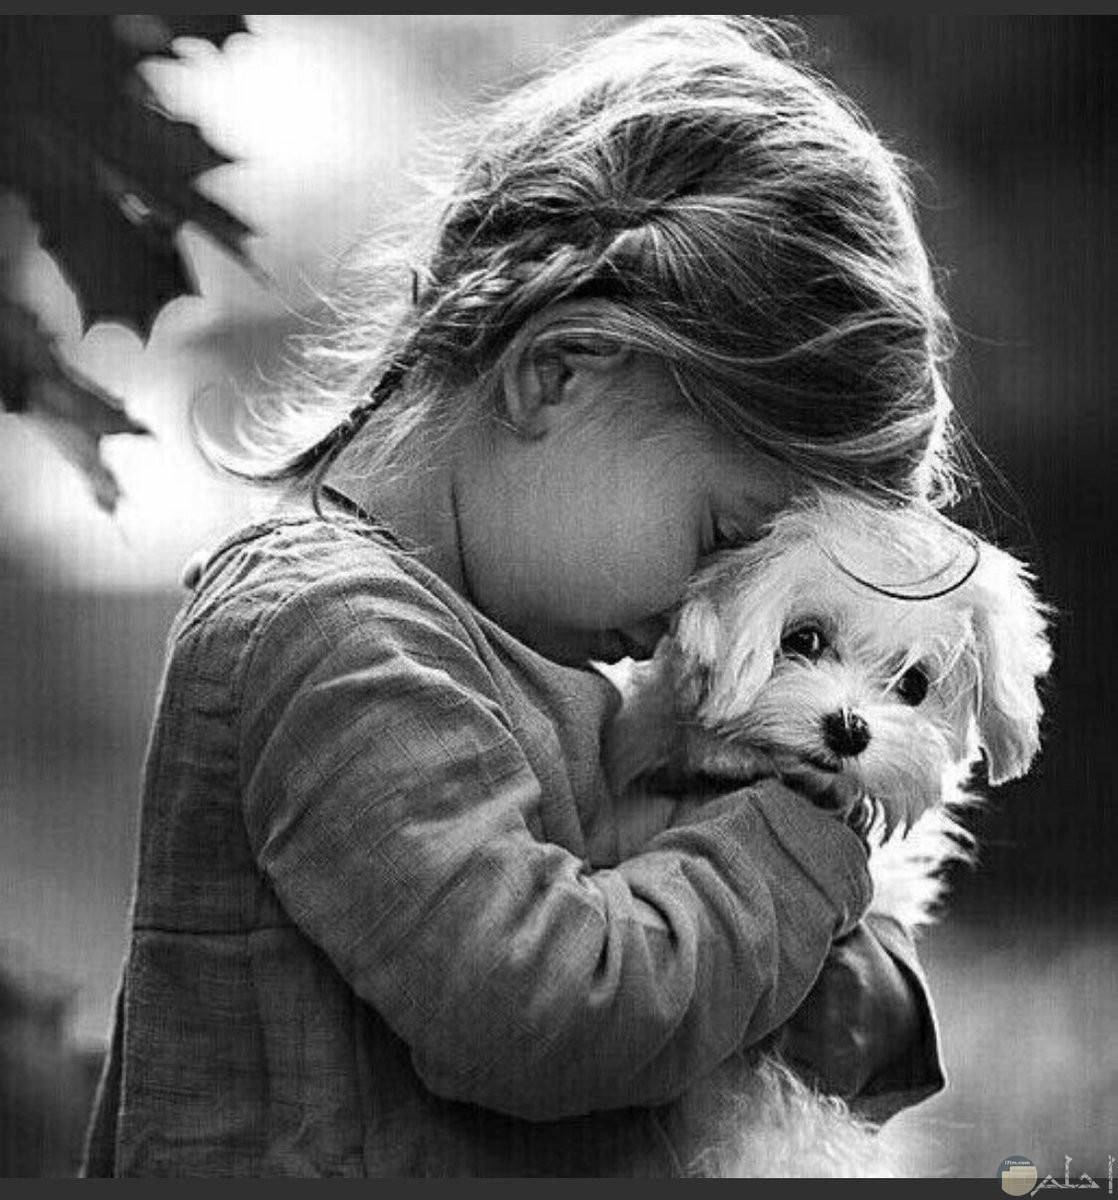 فتاة صغيرة تمسك جرو صغير في يدها.